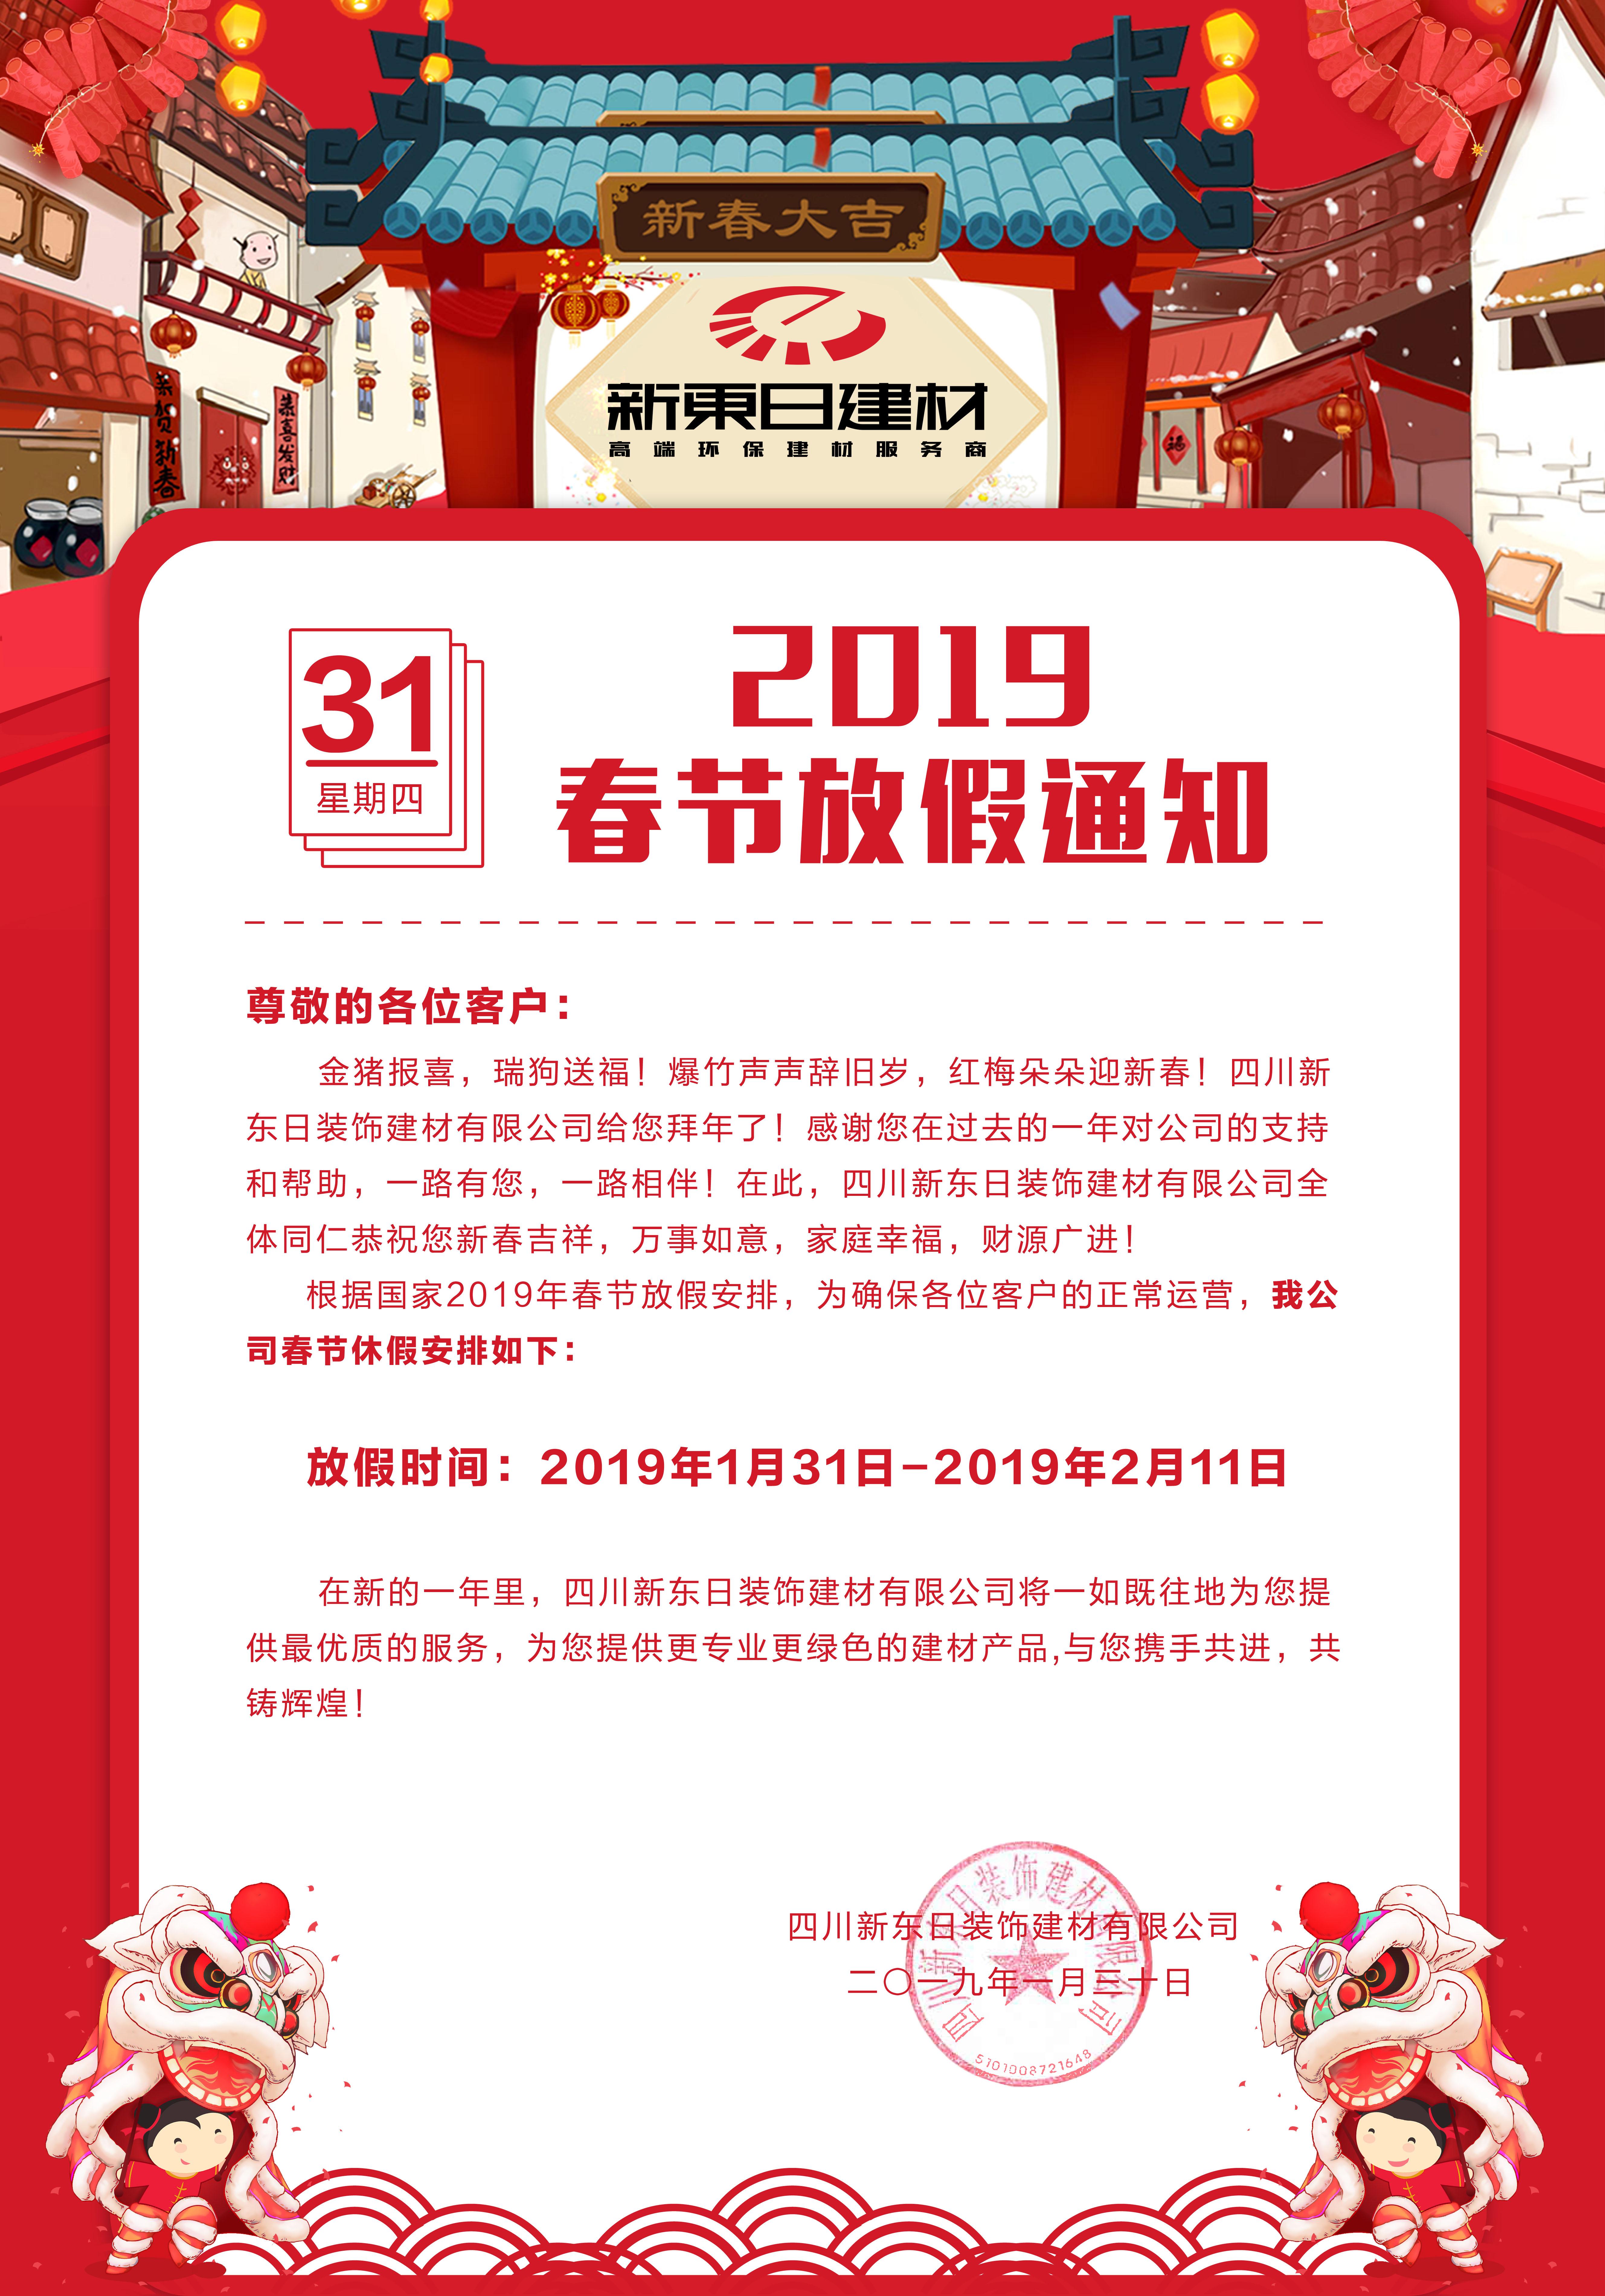 2019春节放假通知